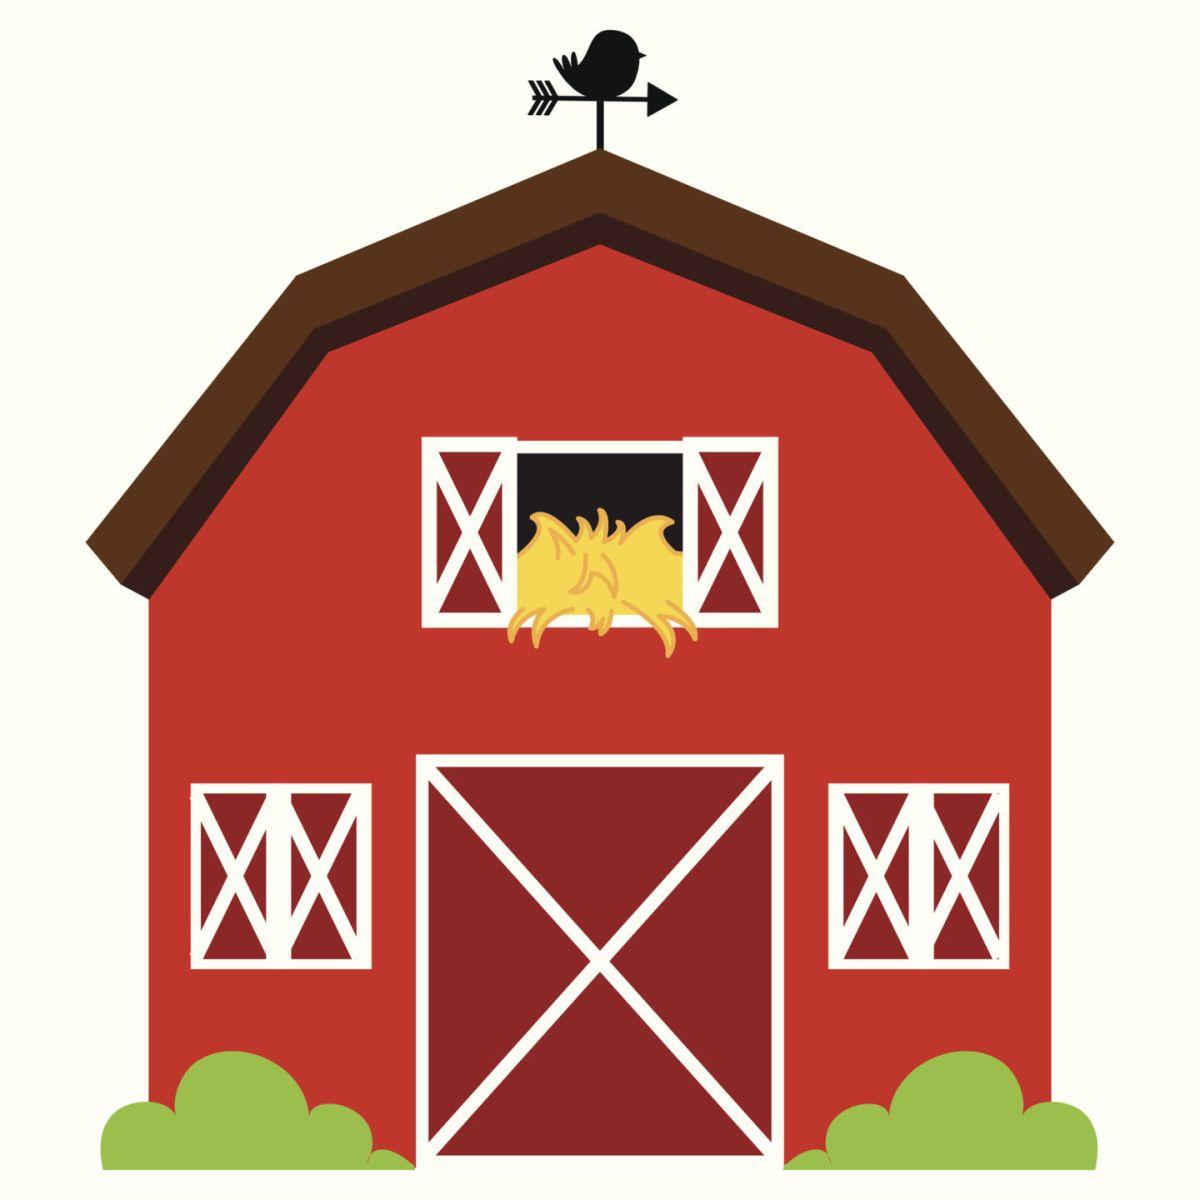 'barn full of fun'